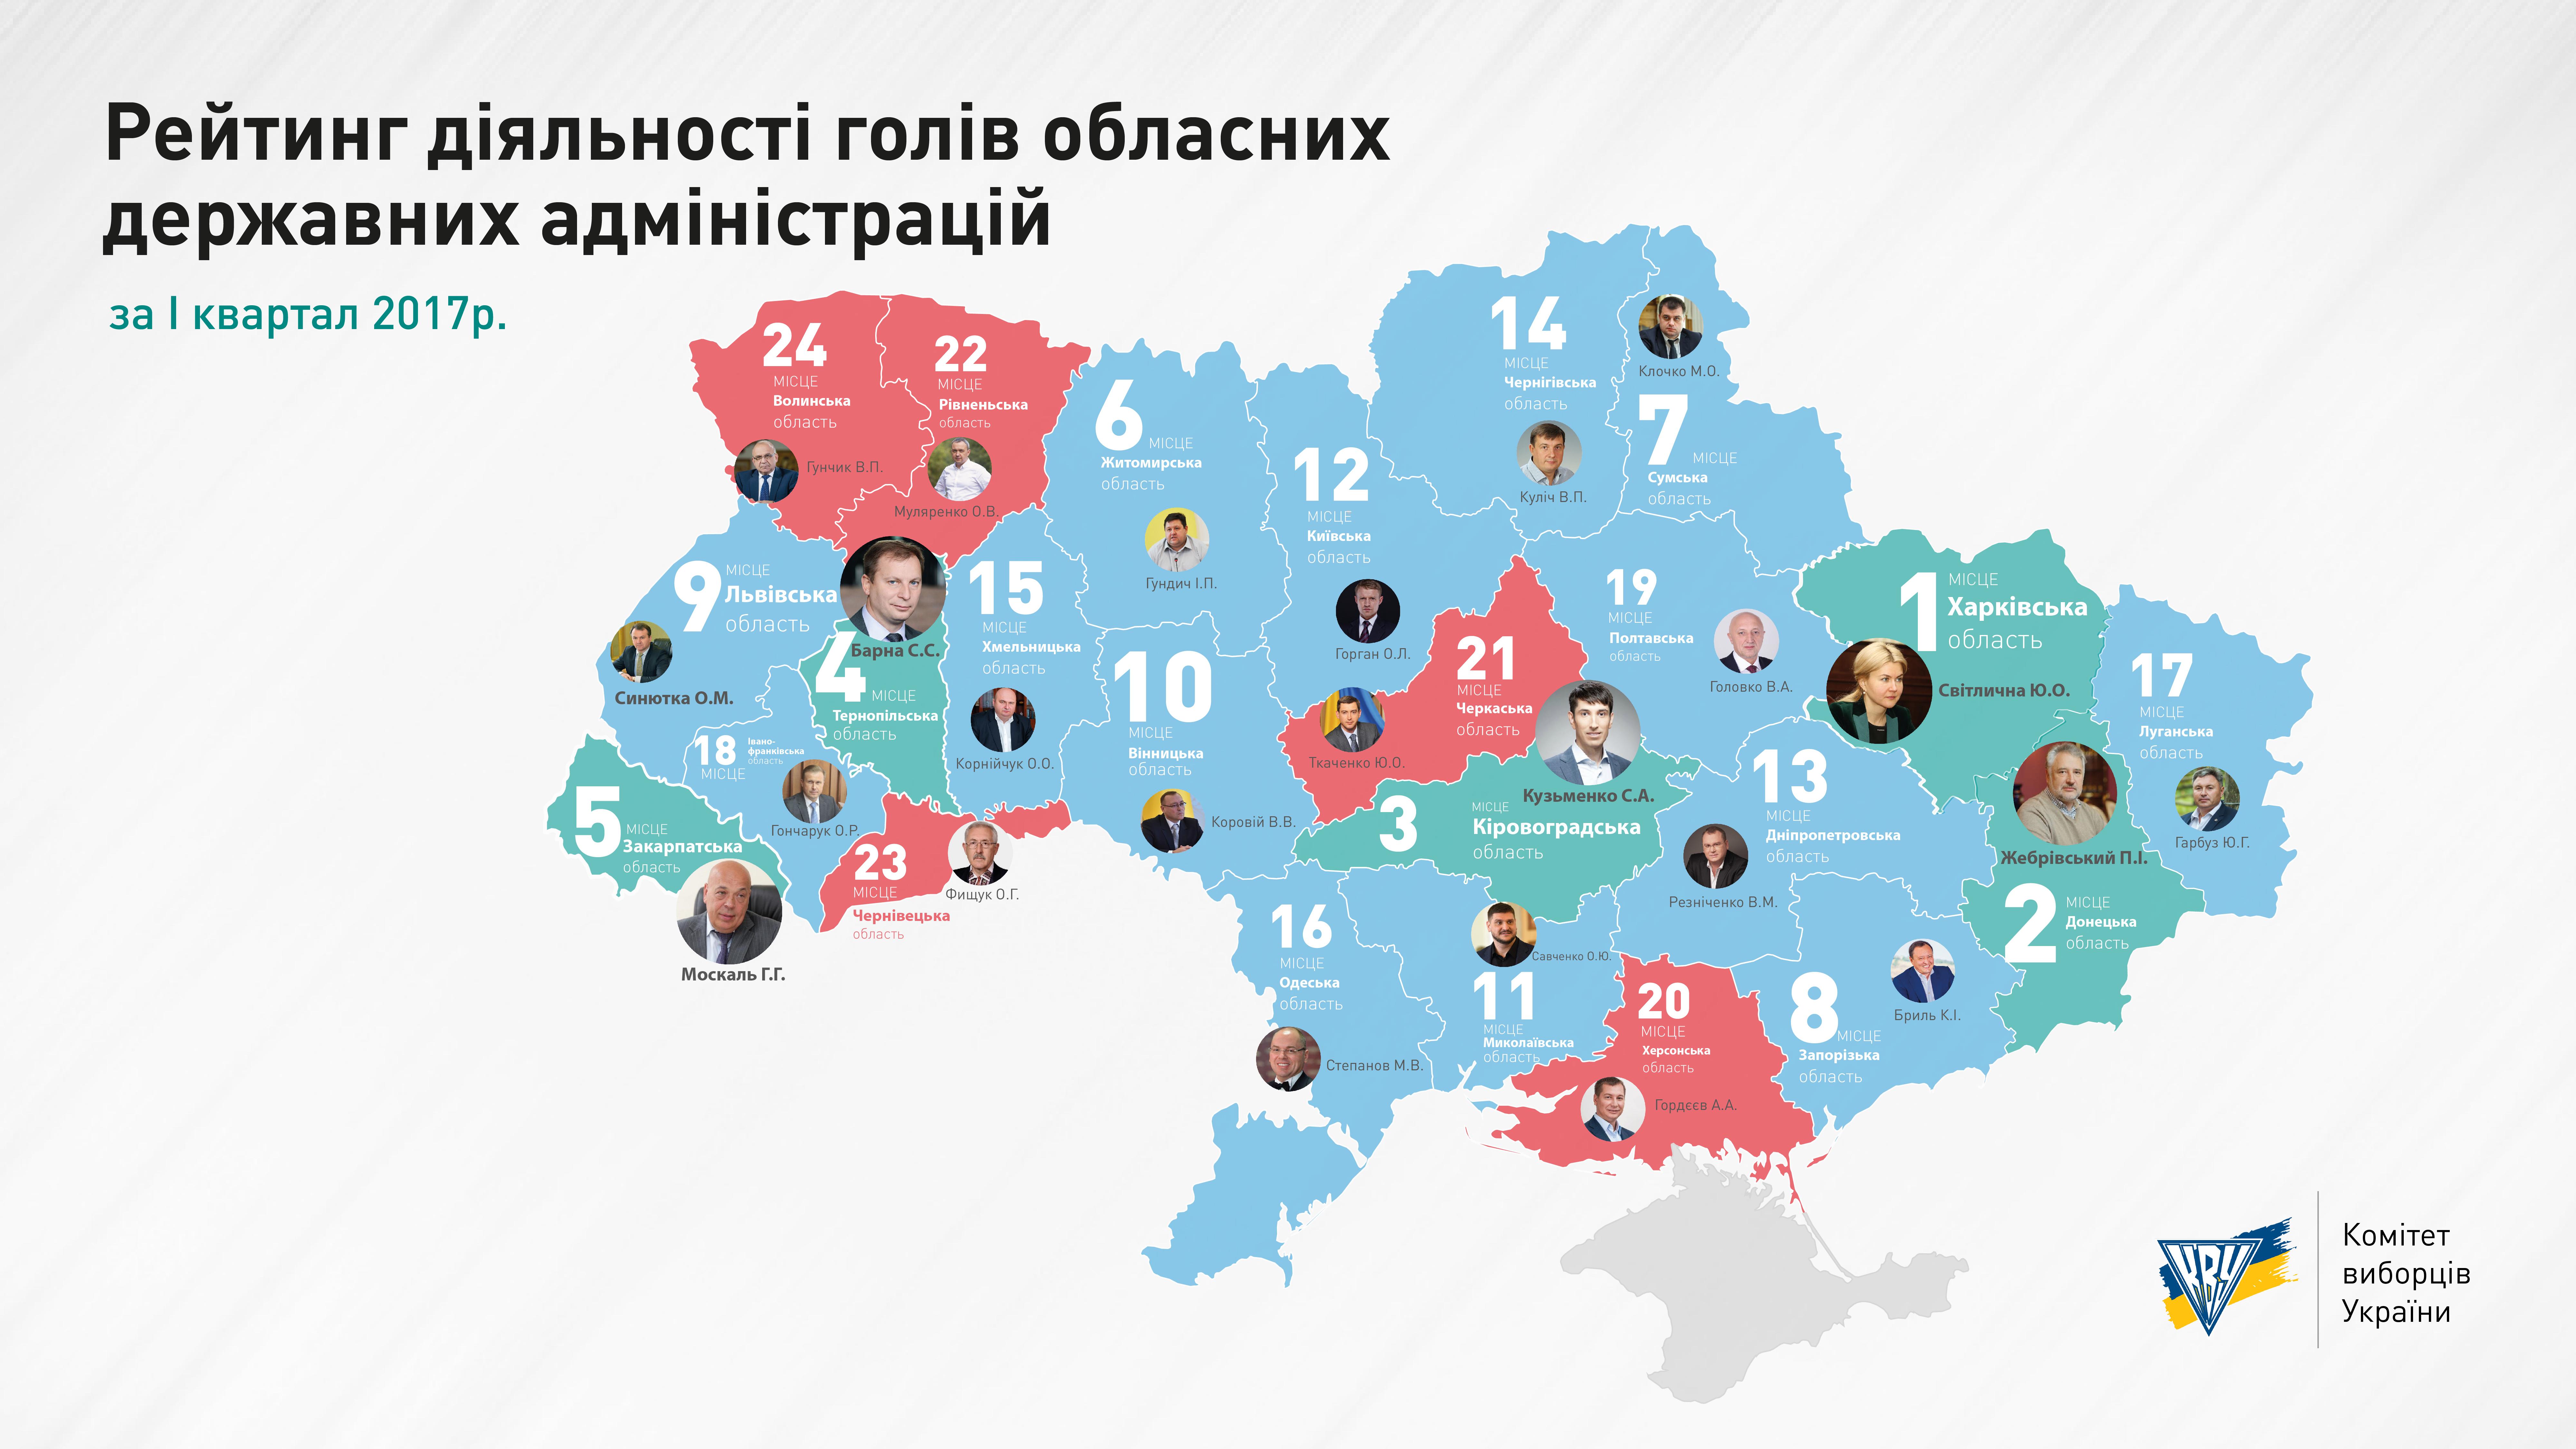 Голова Донецької області зайняв 2 місце в ТОП-10 кращих губернаторів України, - РЕЙТИНГ, фото-1